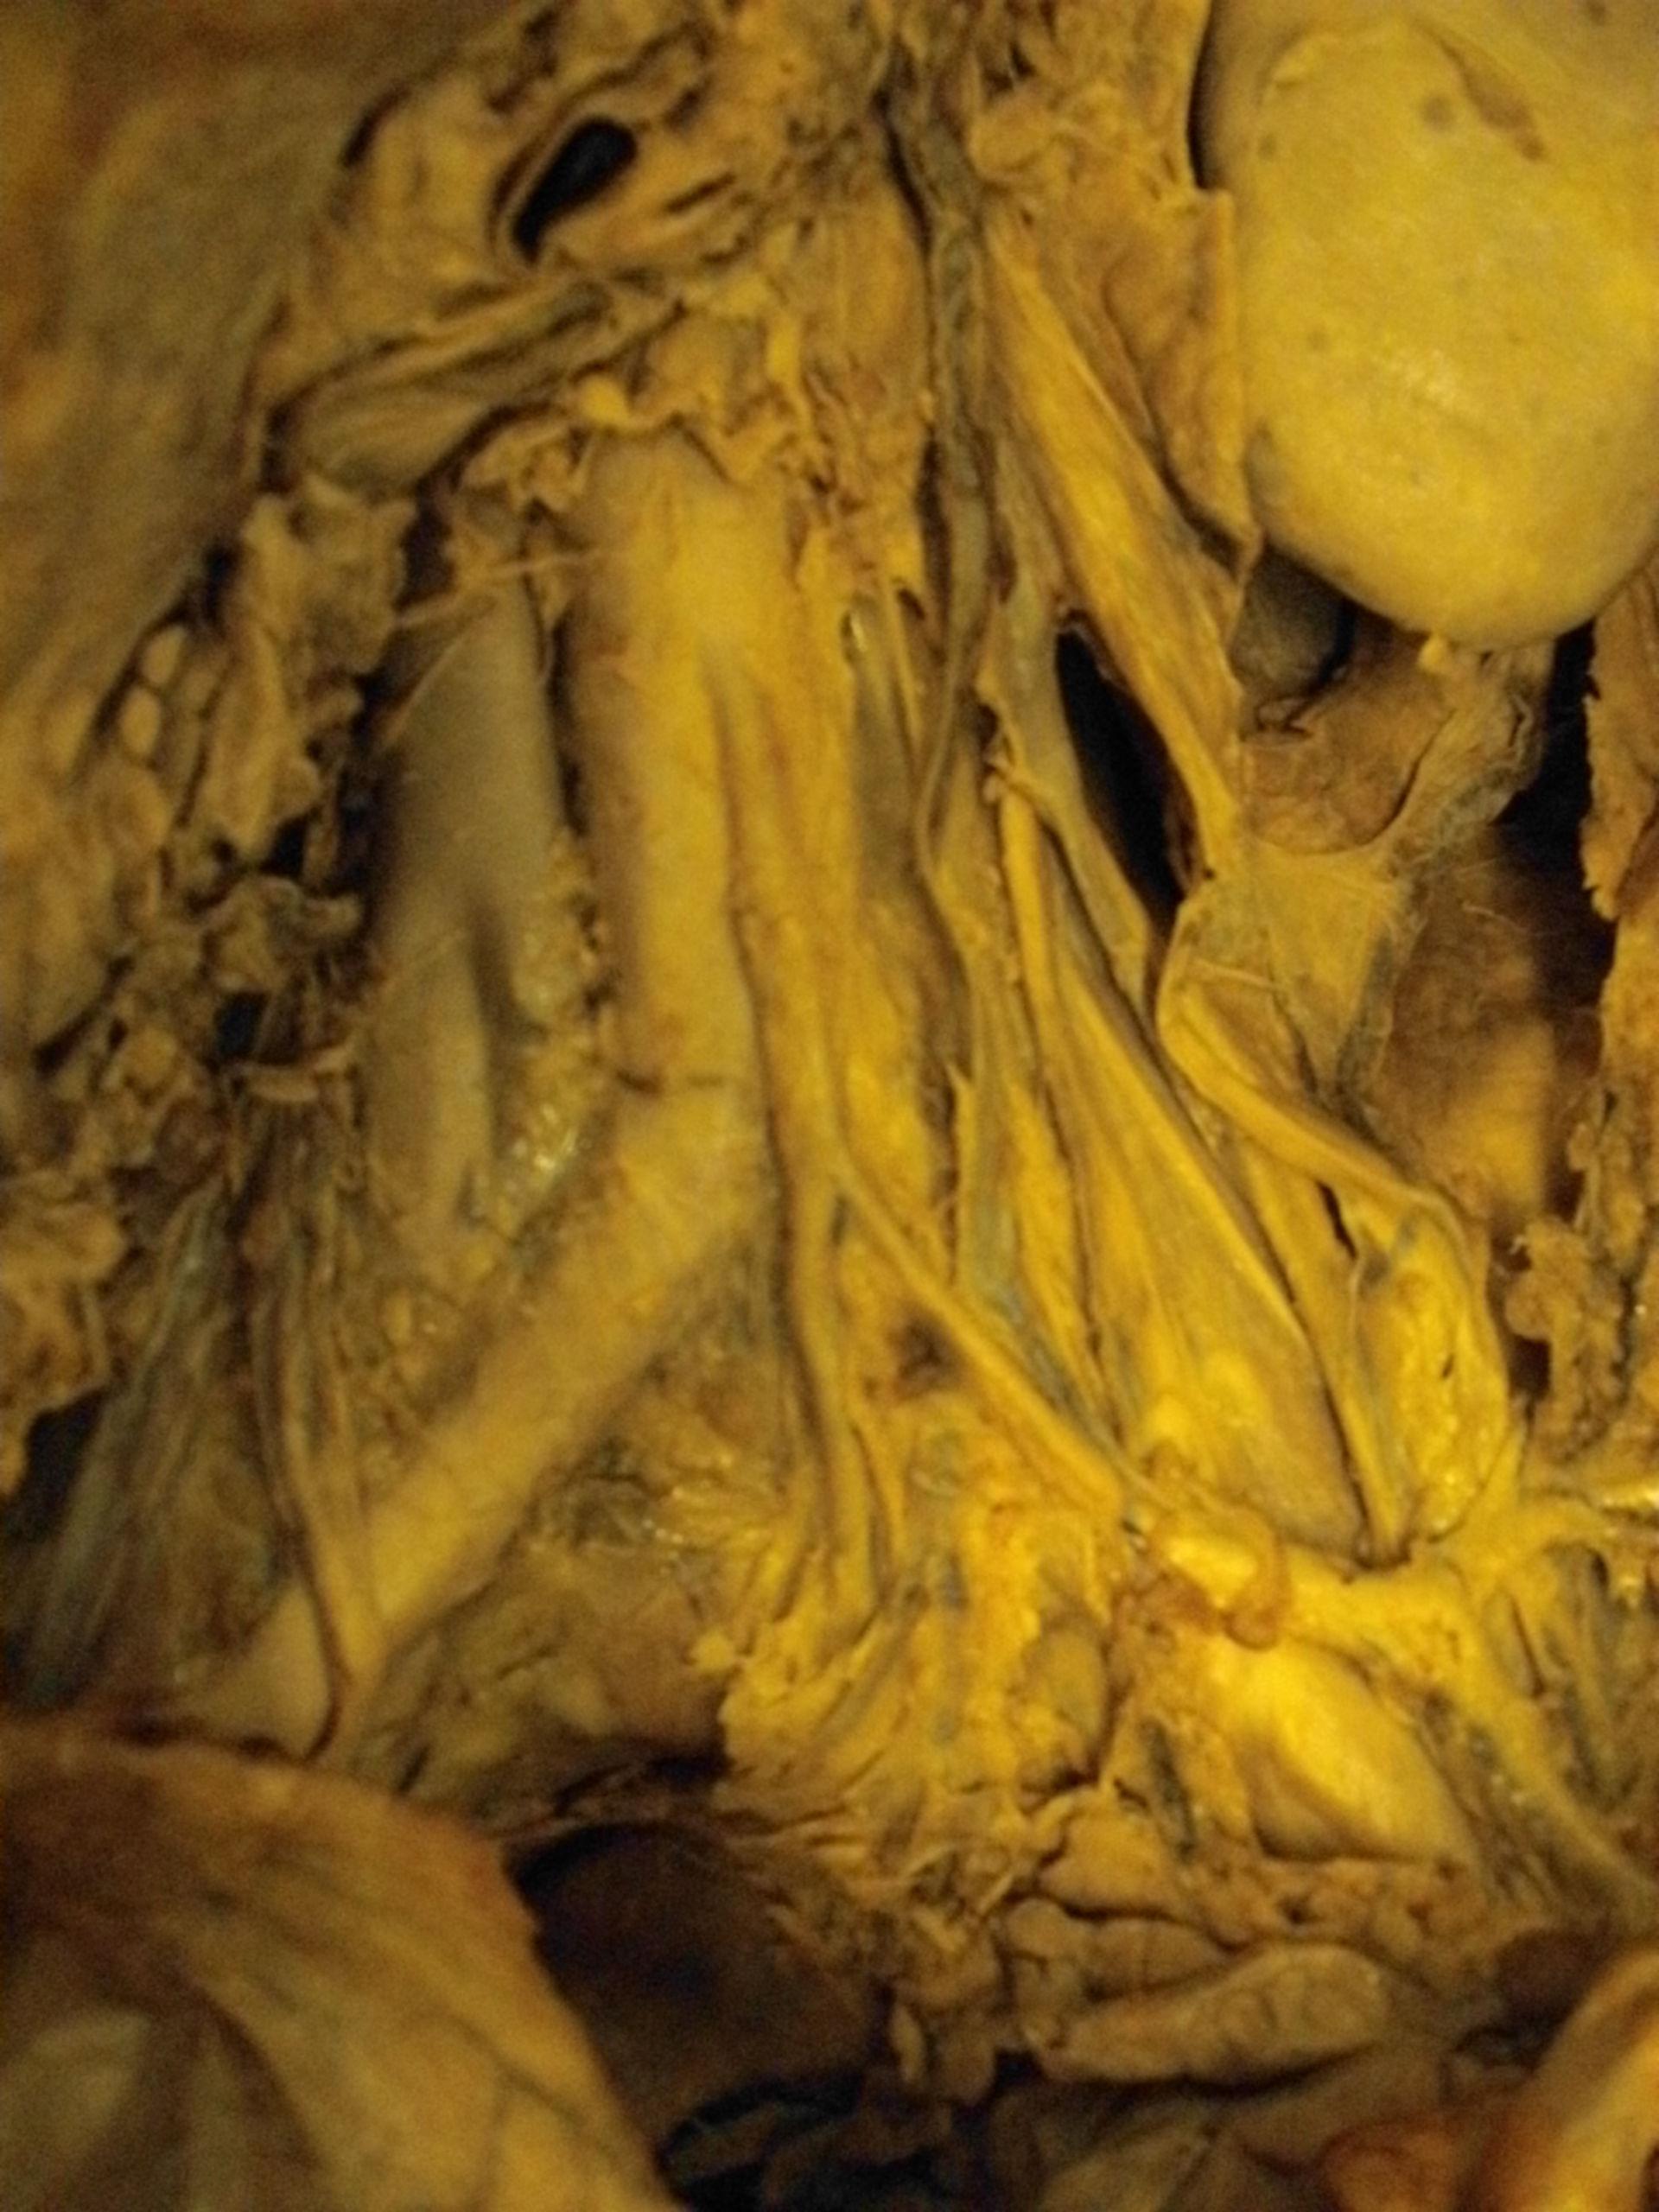 aortic bifurcation